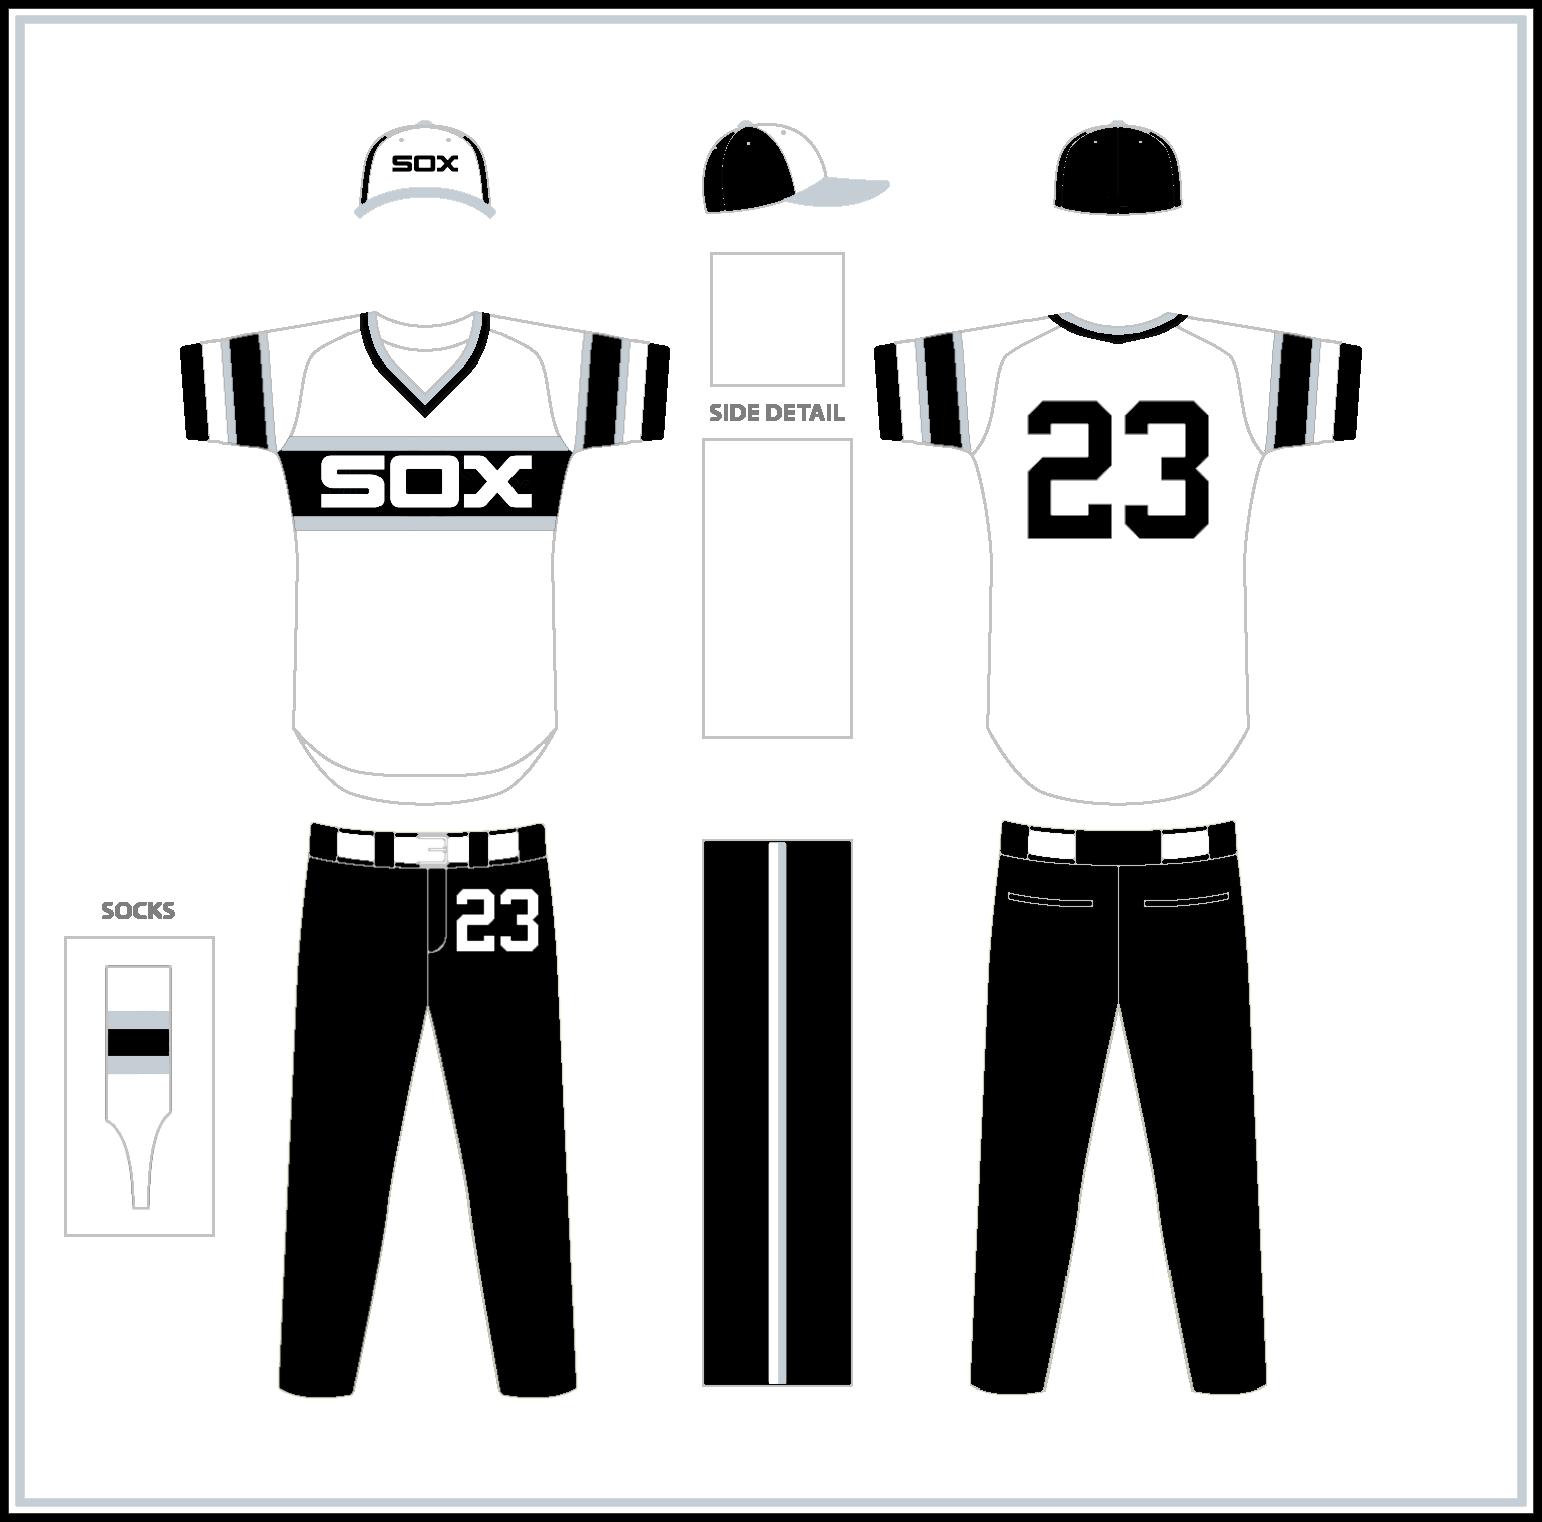 1983_White_Sox_Home_w_black_pants.png